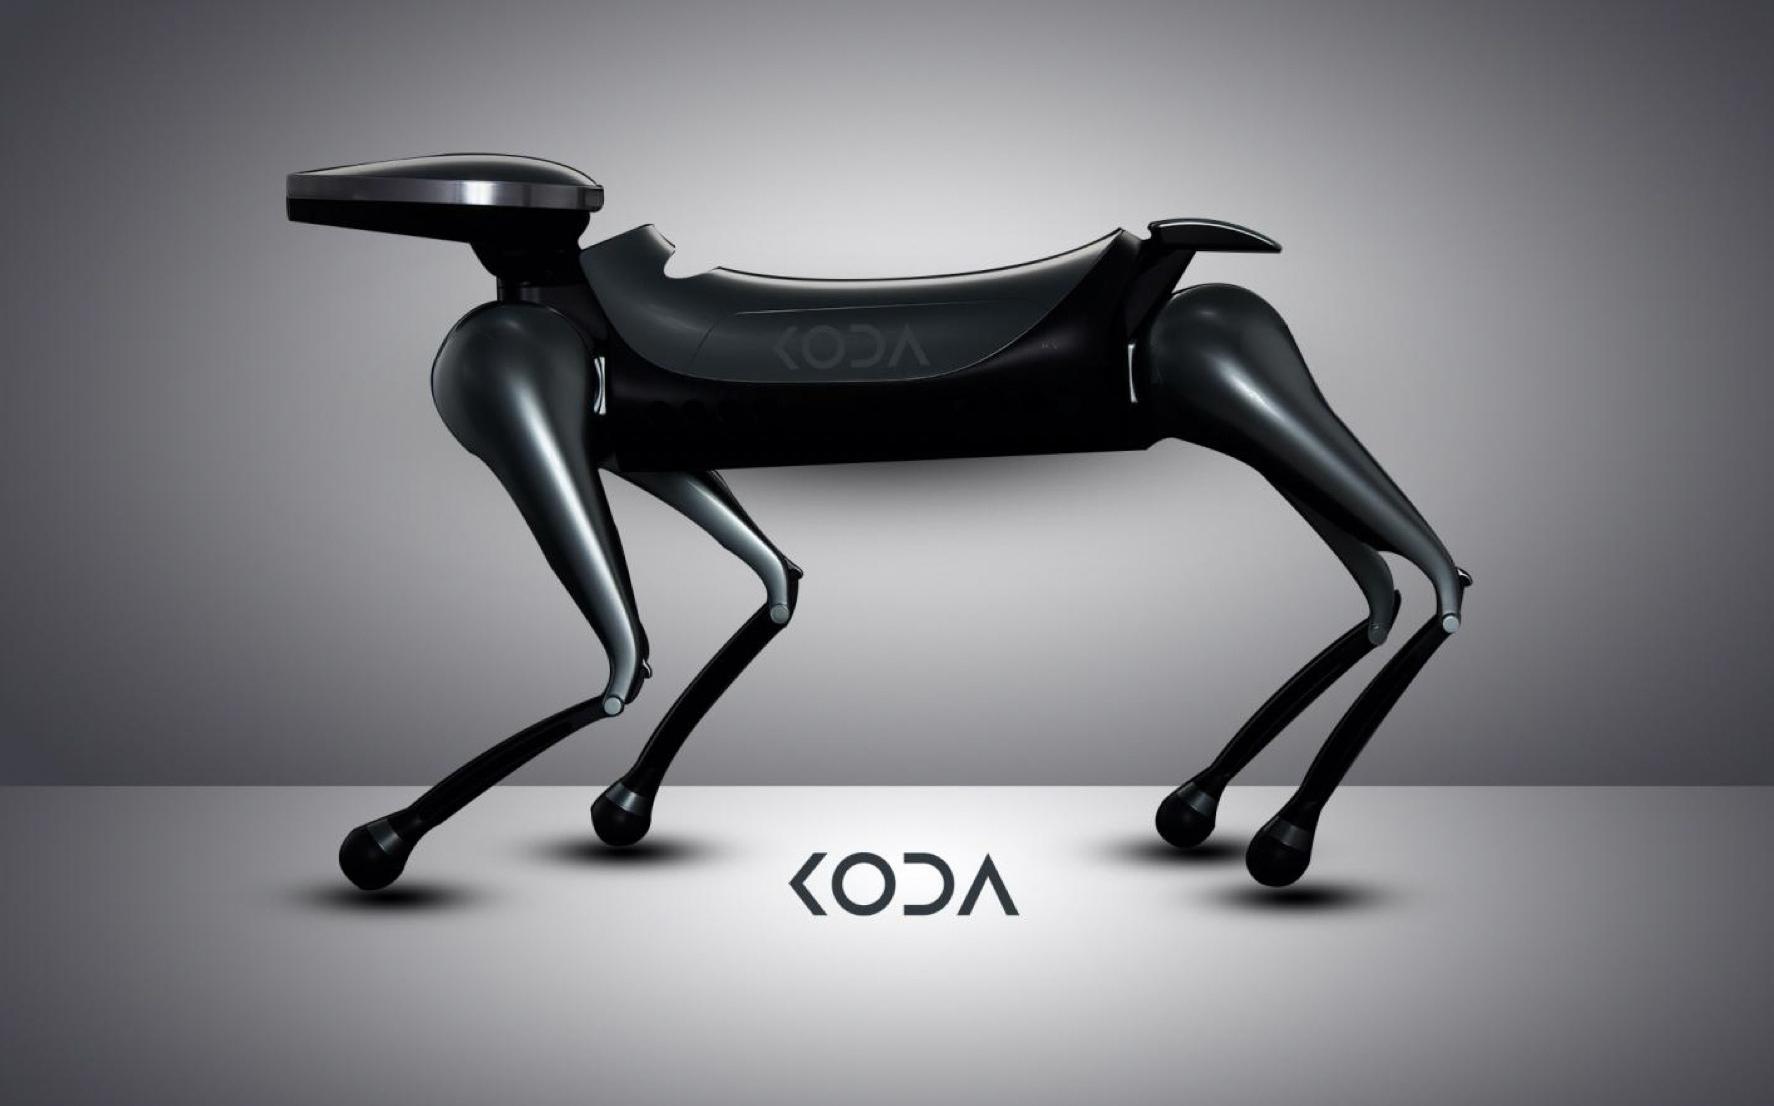 KODA:世界首款未来概念社交型机器狗问世